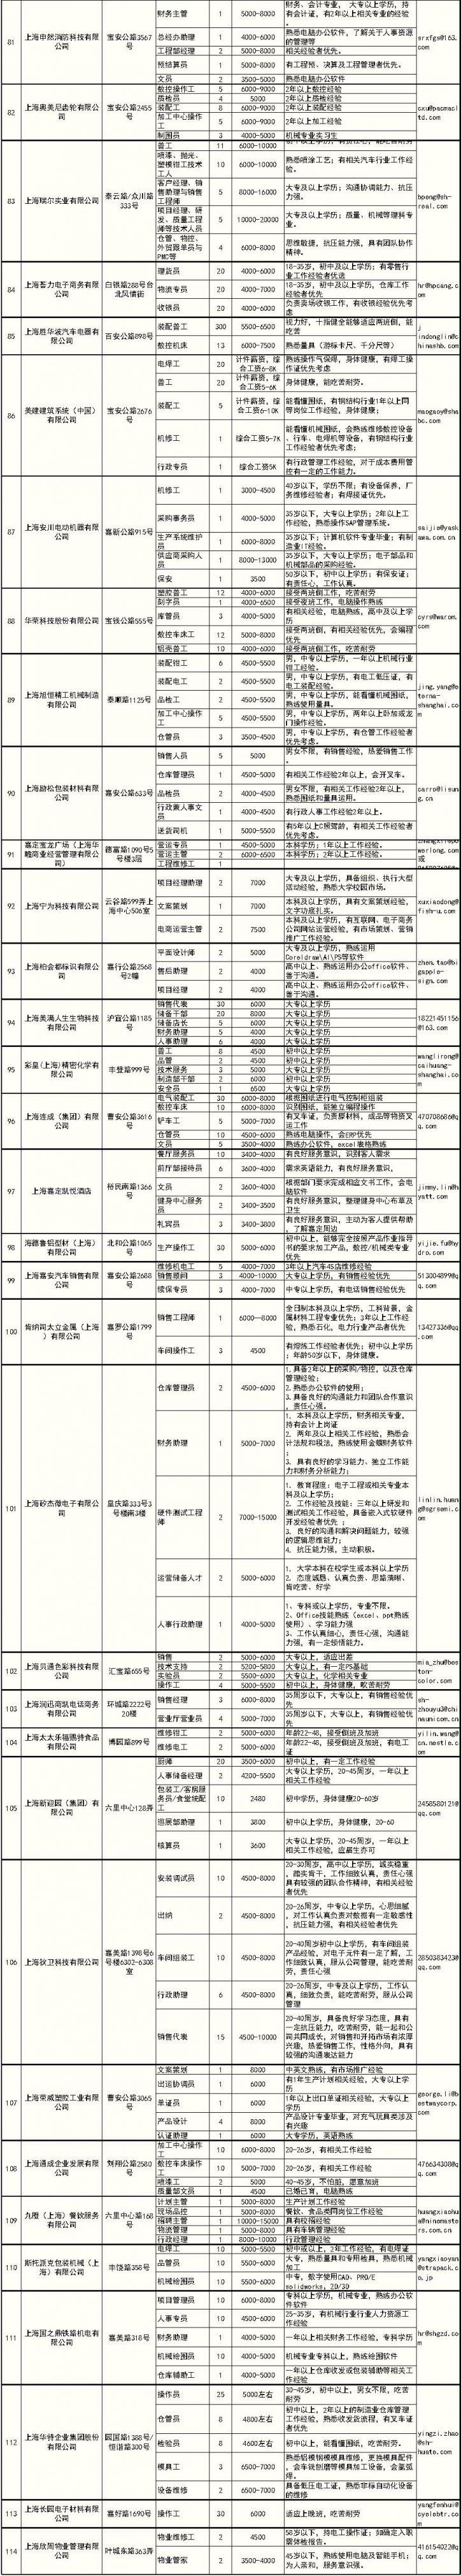 上海嘉定首场线上招聘活动启动 114家企业2555个岗位